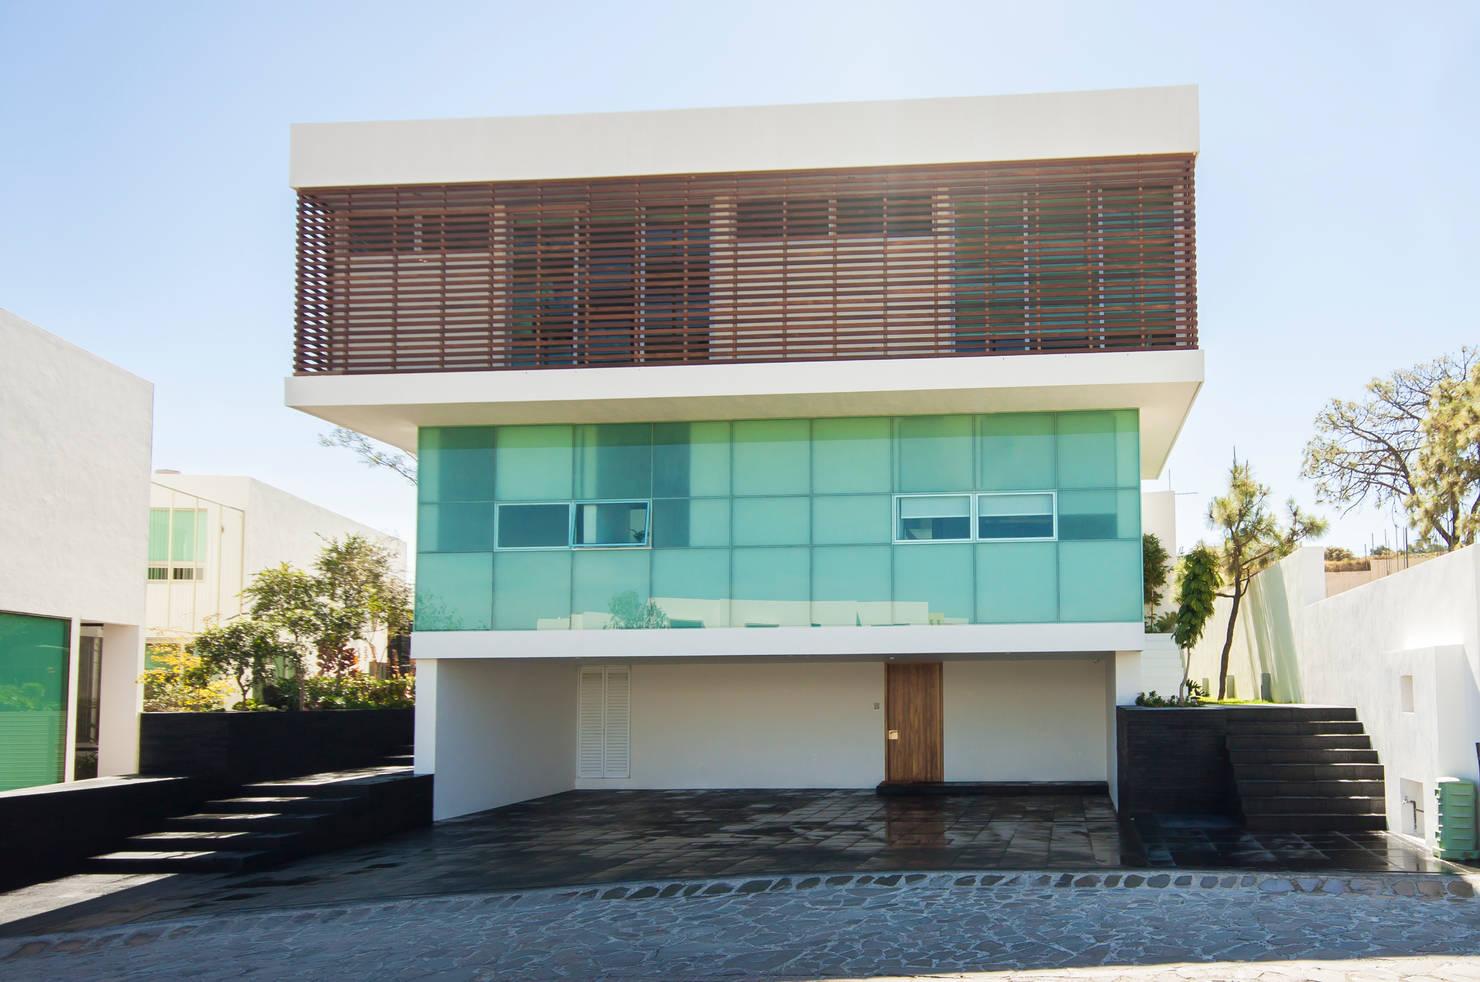 13 Fachadas Interessantes Para Casas De Dois Andares